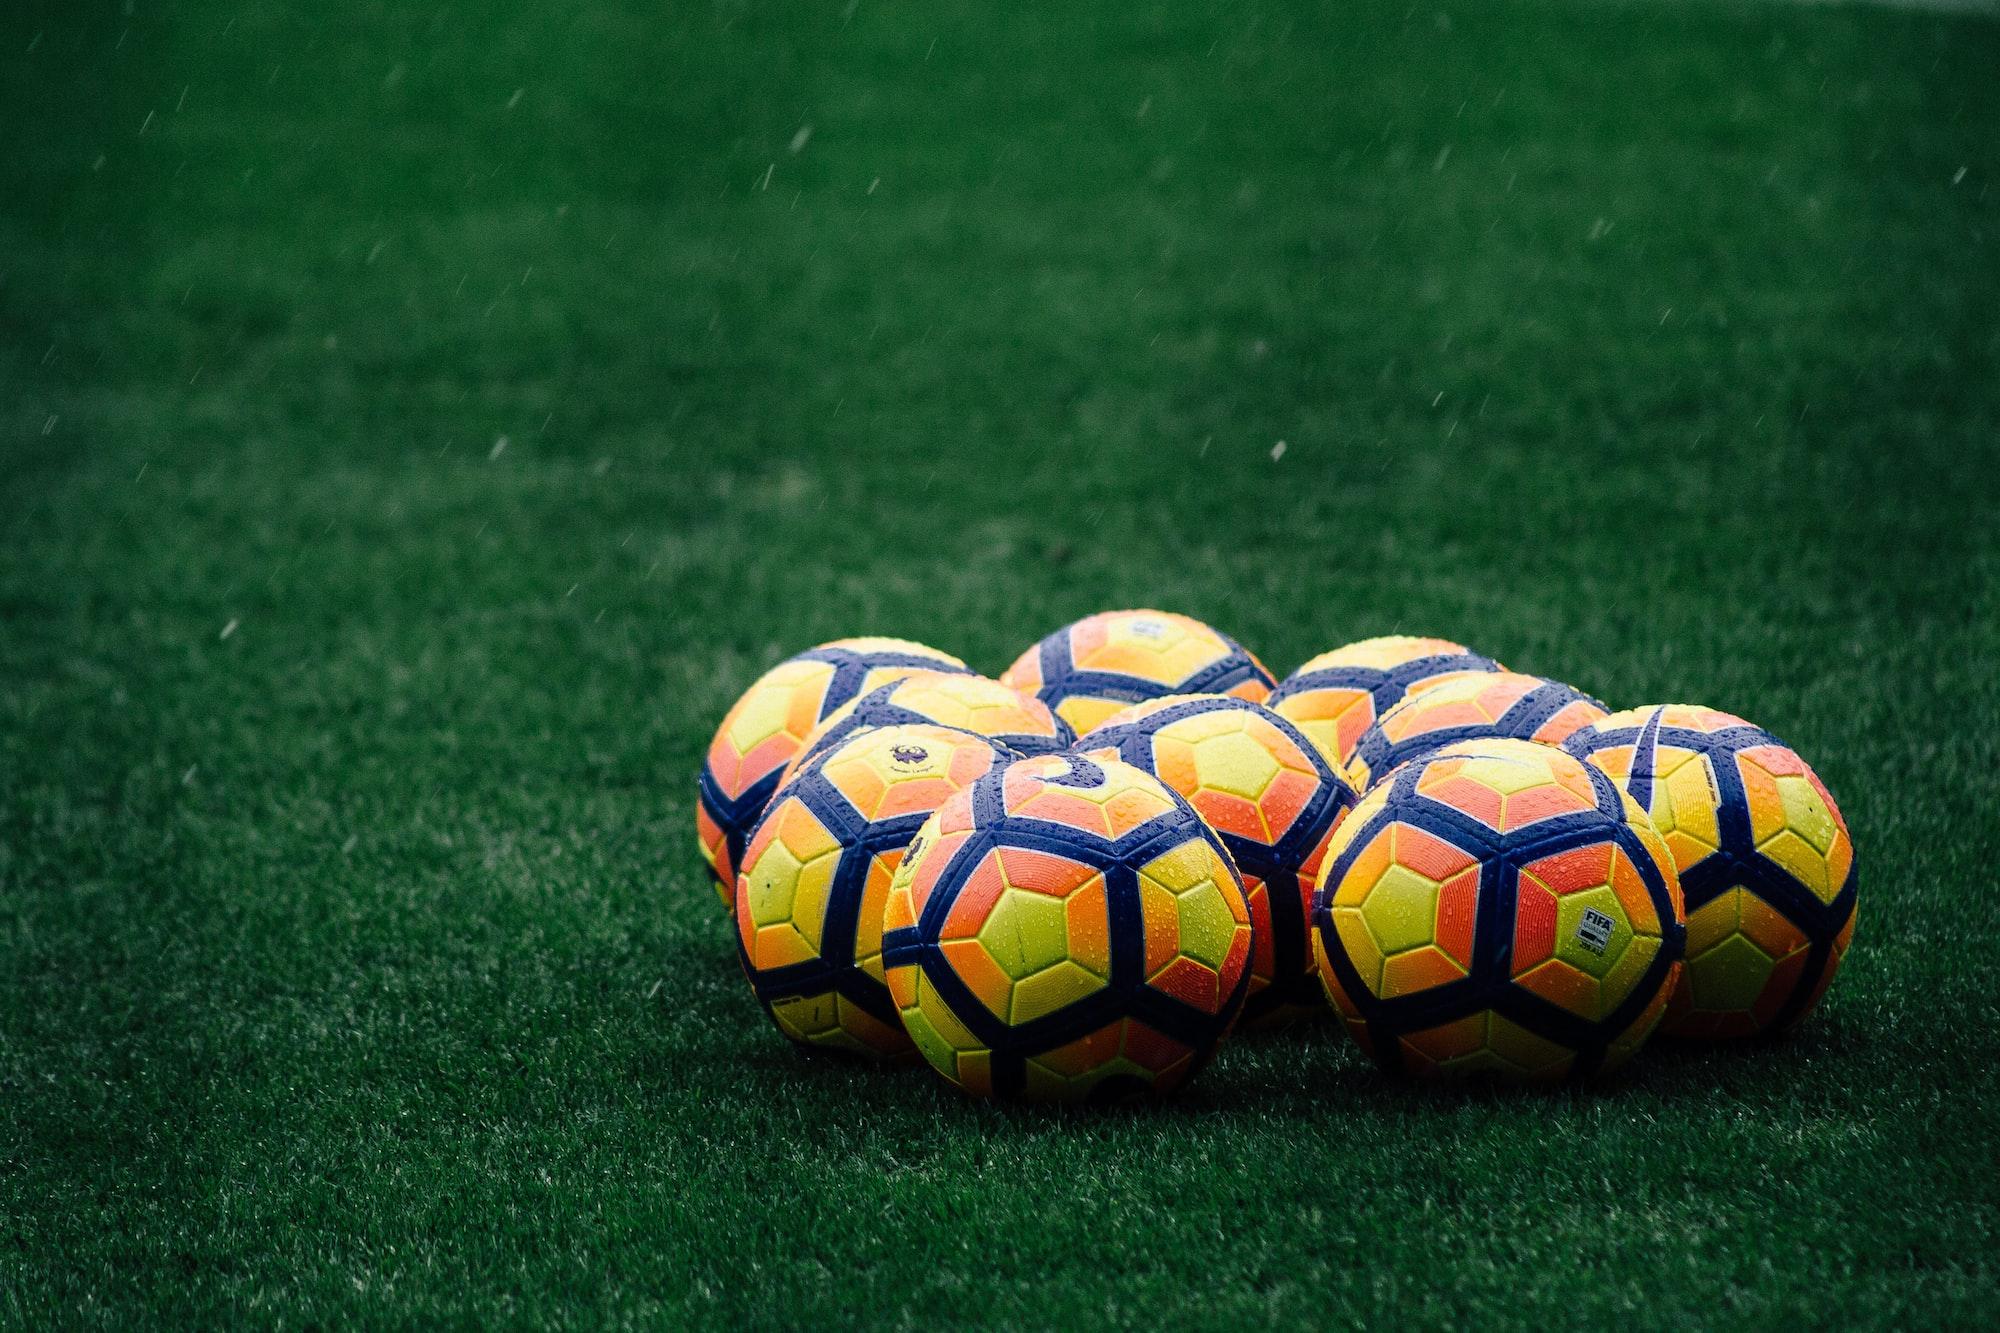 Schedina Mista Calcio: Pronostici del lunedì - 07/12/2020